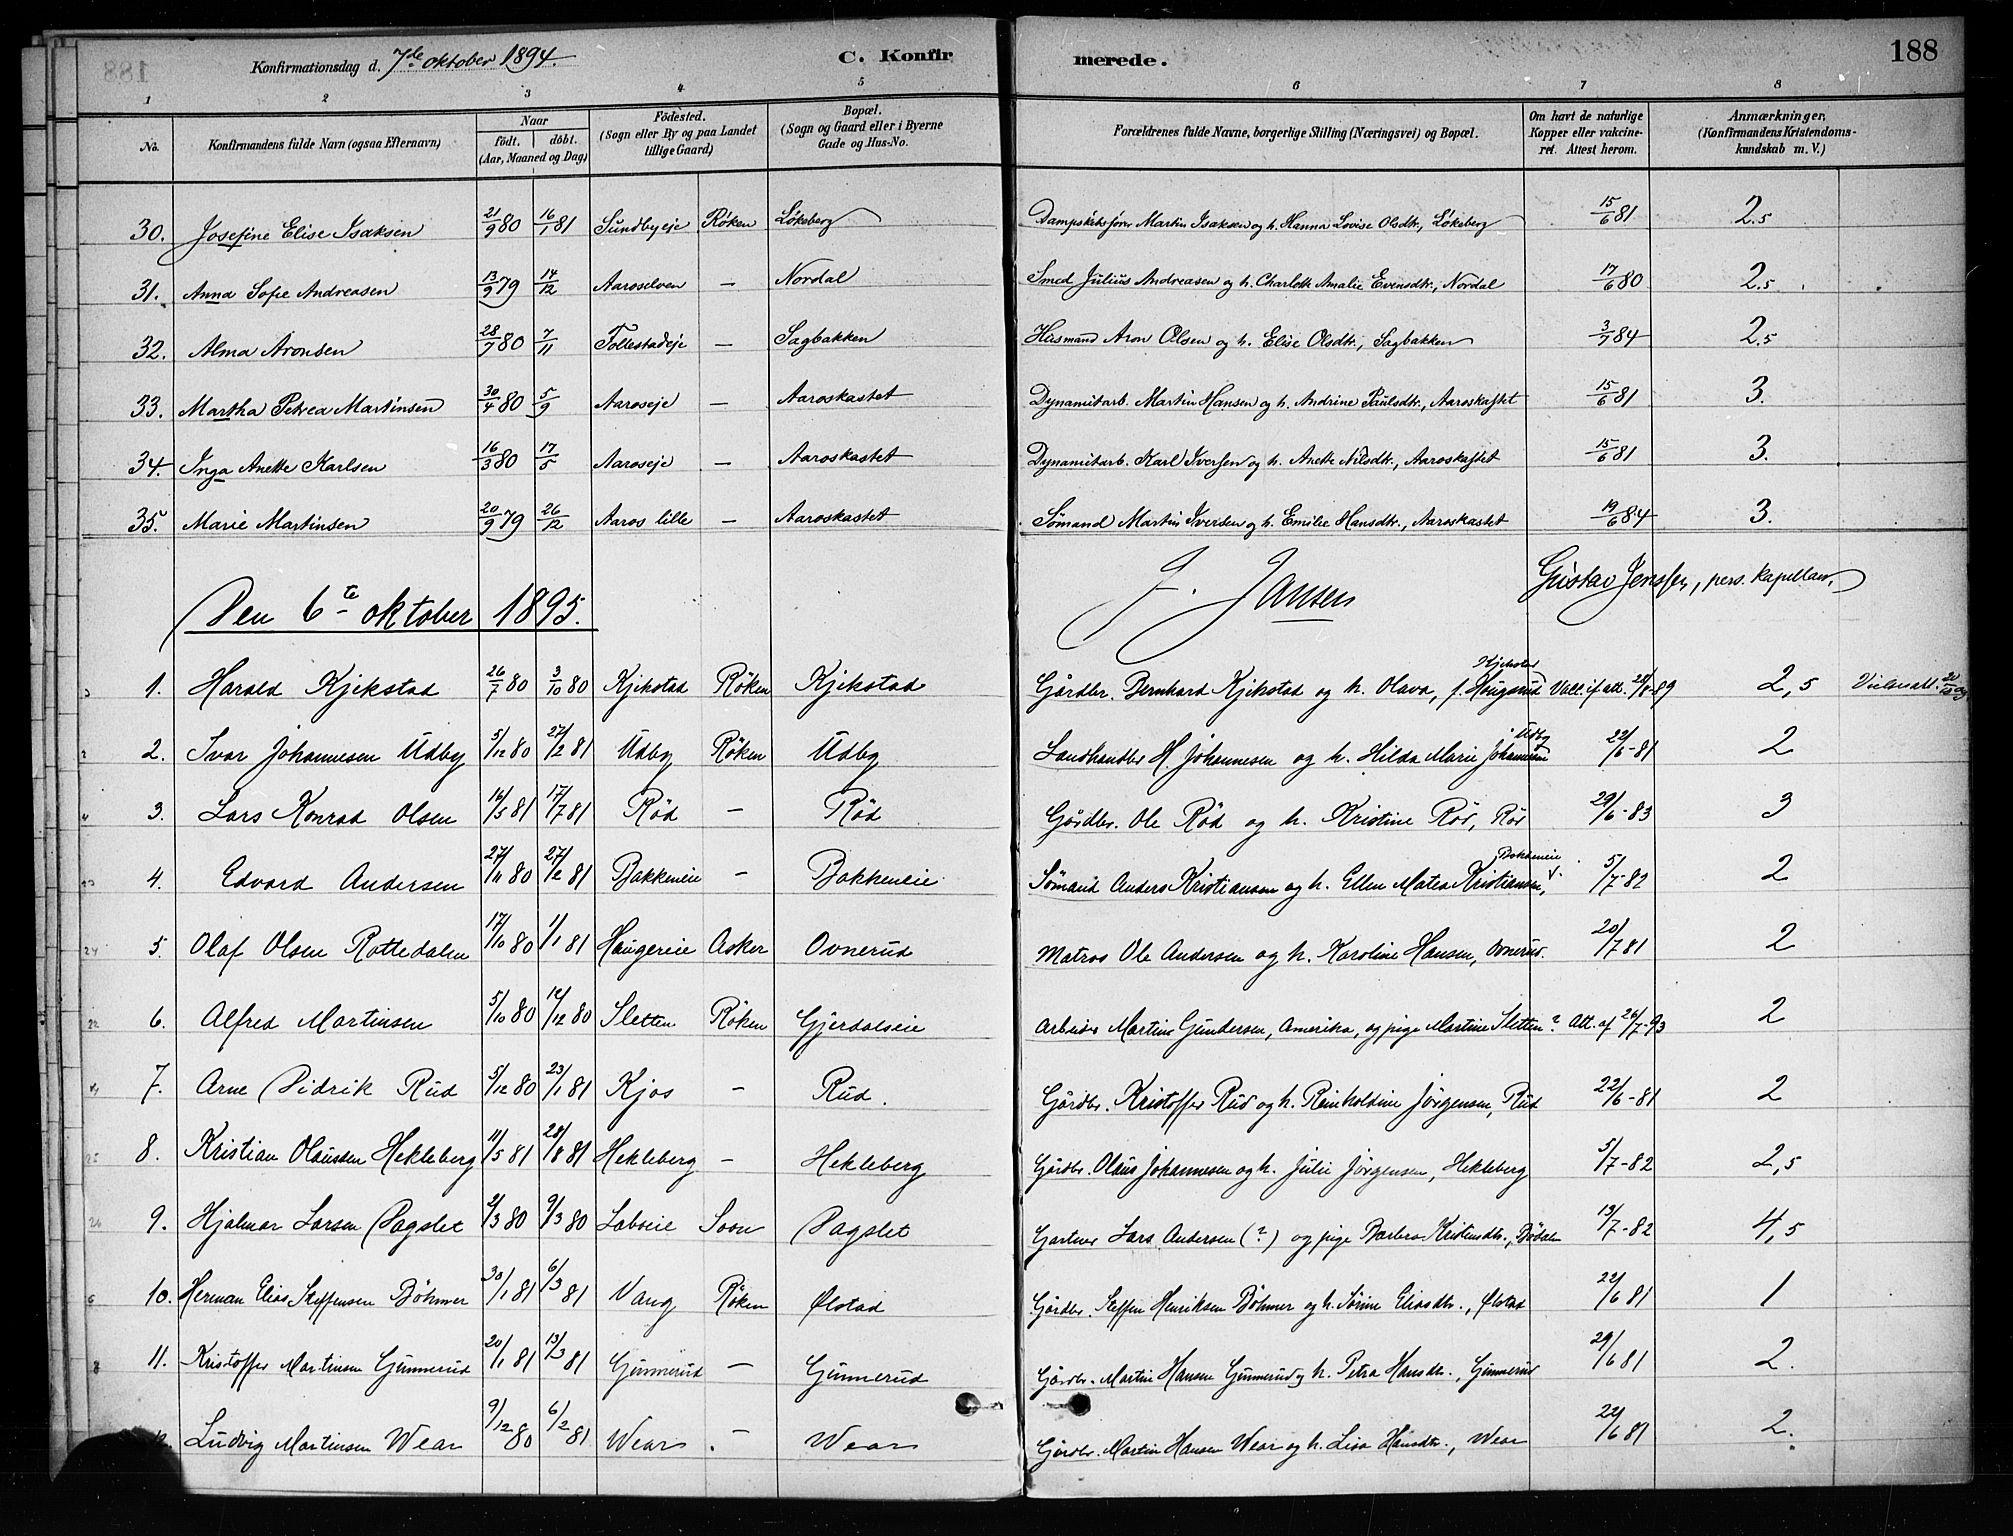 SAKO, Røyken kirkebøker, F/Fa/L0008: Ministerialbok nr. 8, 1880-1897, s. 188